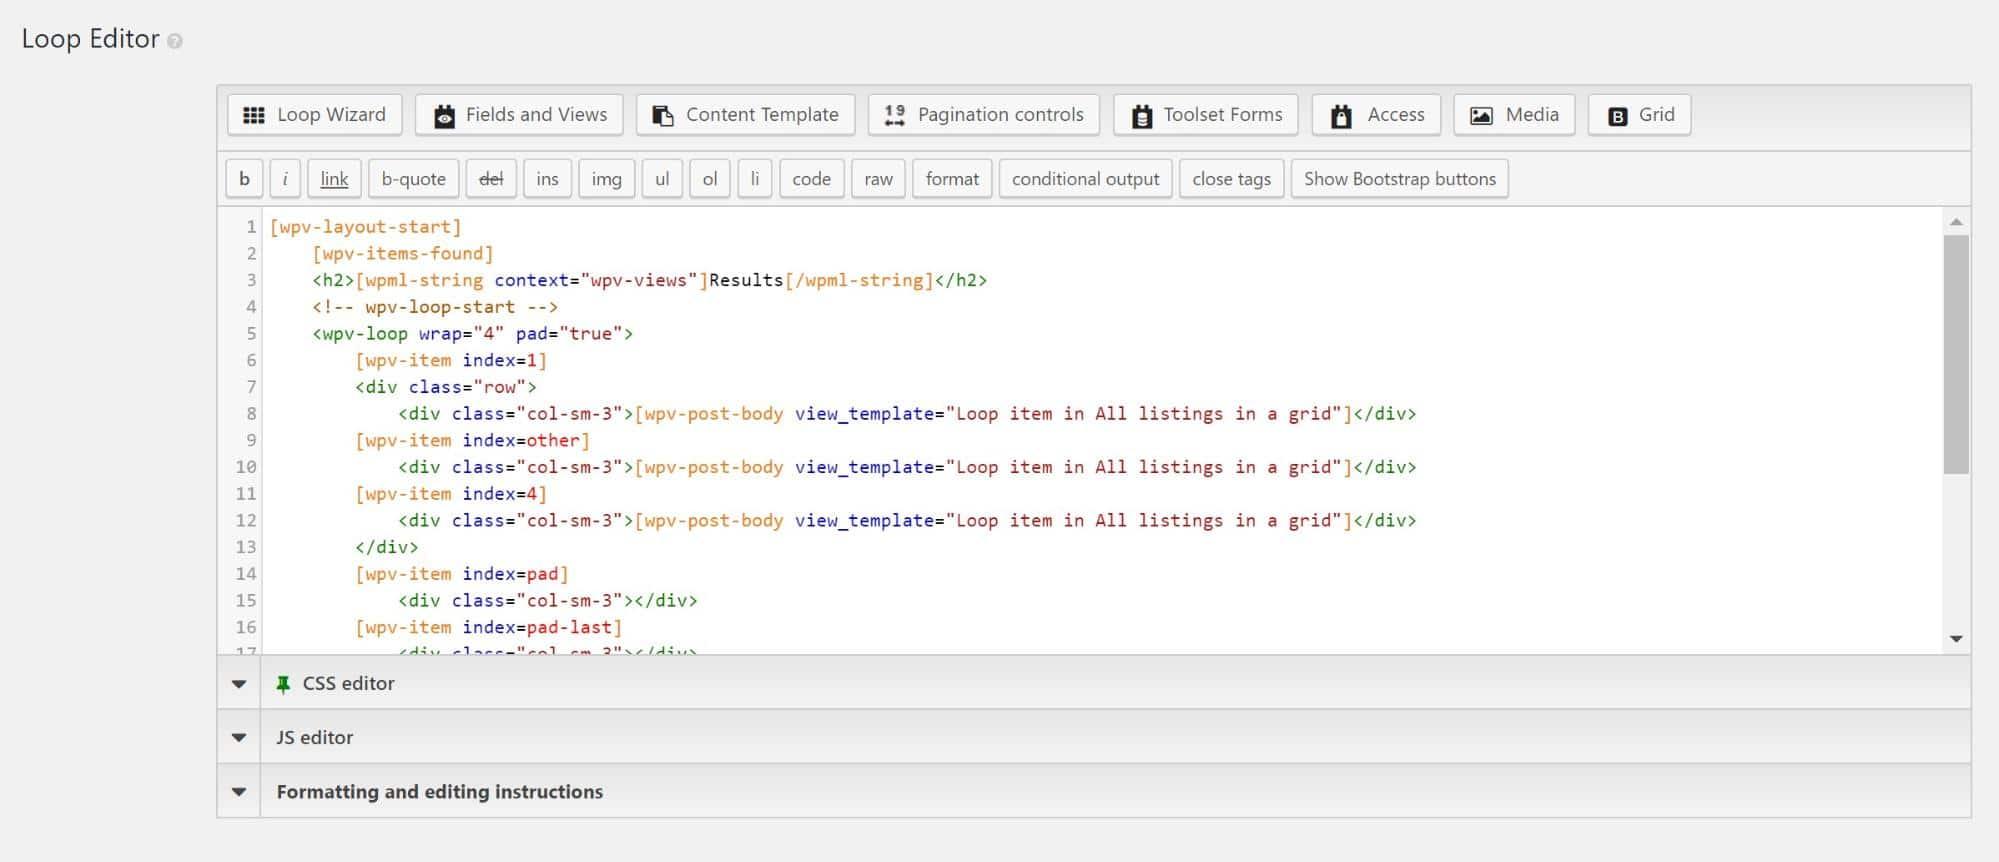 Como luce el edito de loop con los campos